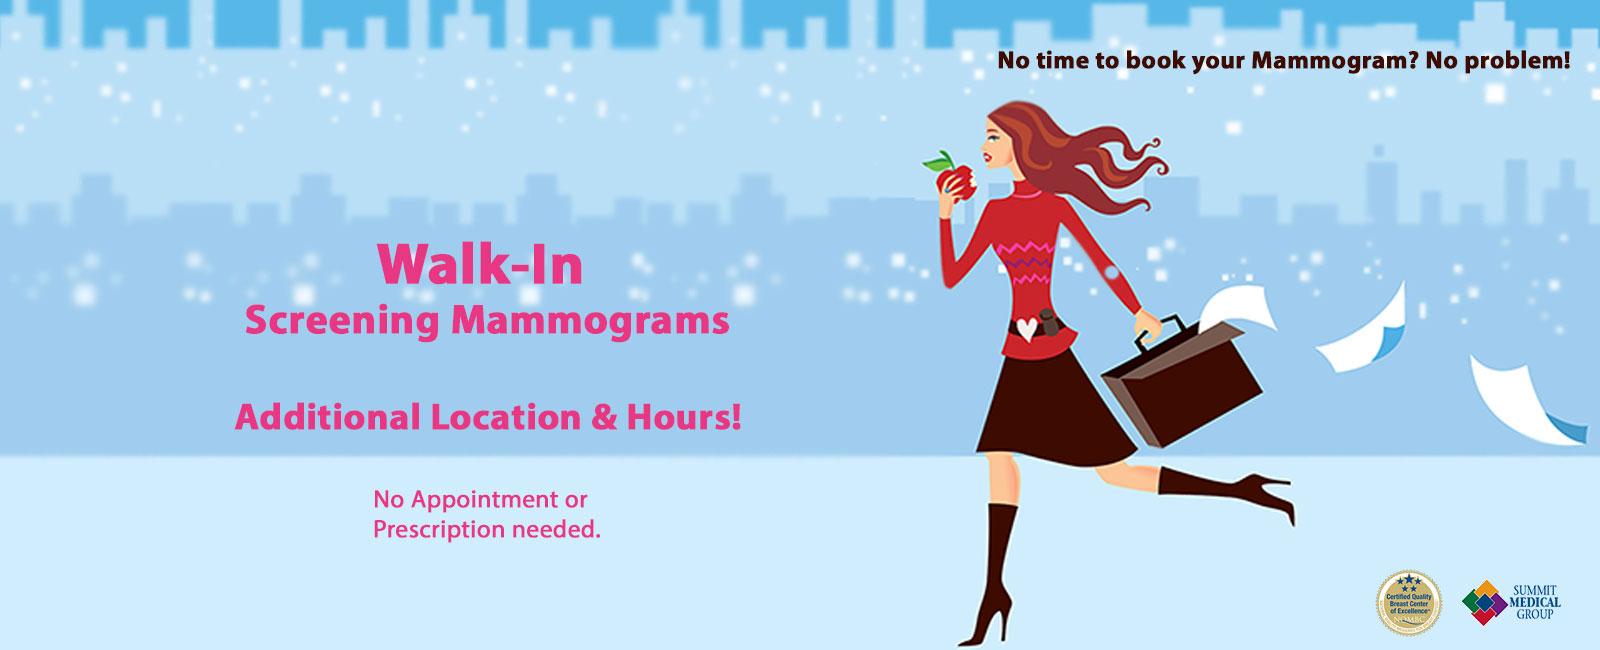 Walk-In Screening Mammograms